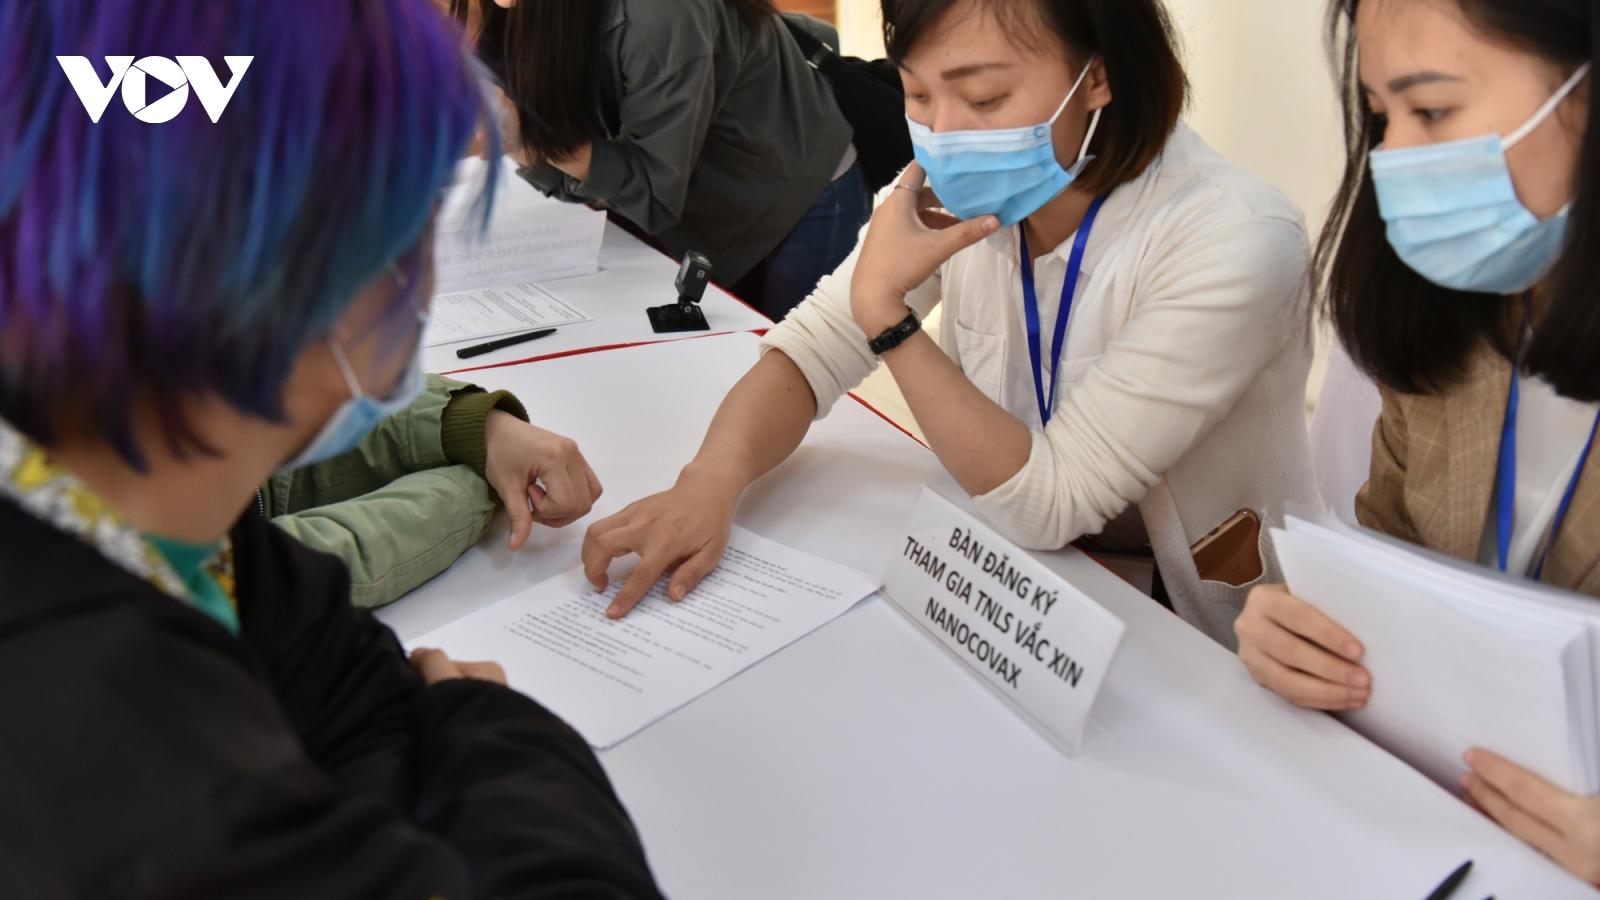 Quy trình tiêm thử nghiệm vaccine Covid-19 Việt Nam trên người